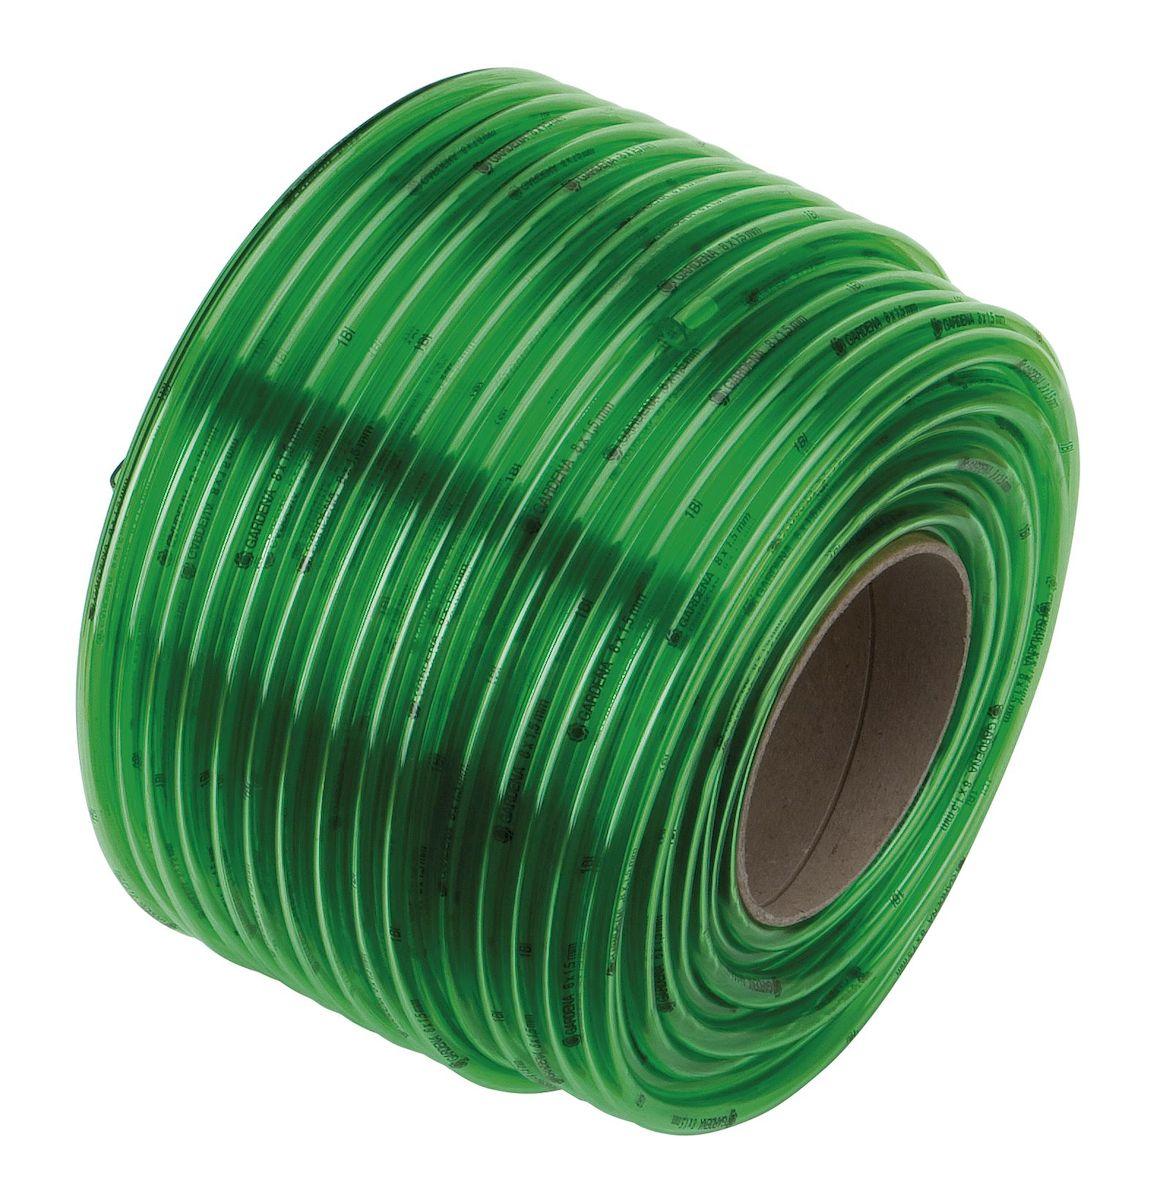 Шланг Gardena, прозрачный, диаметр 10, длина 50 м1.645-504.0Шланг Gardena изготовлен из прозрачного ПВХ. Шланг предназначен для транспортировки жидкостей без напора в диапазоне температур от -10°С до +50°С. Без текстильного армирования, без содержания регенератов, кадмия, свинца и бария